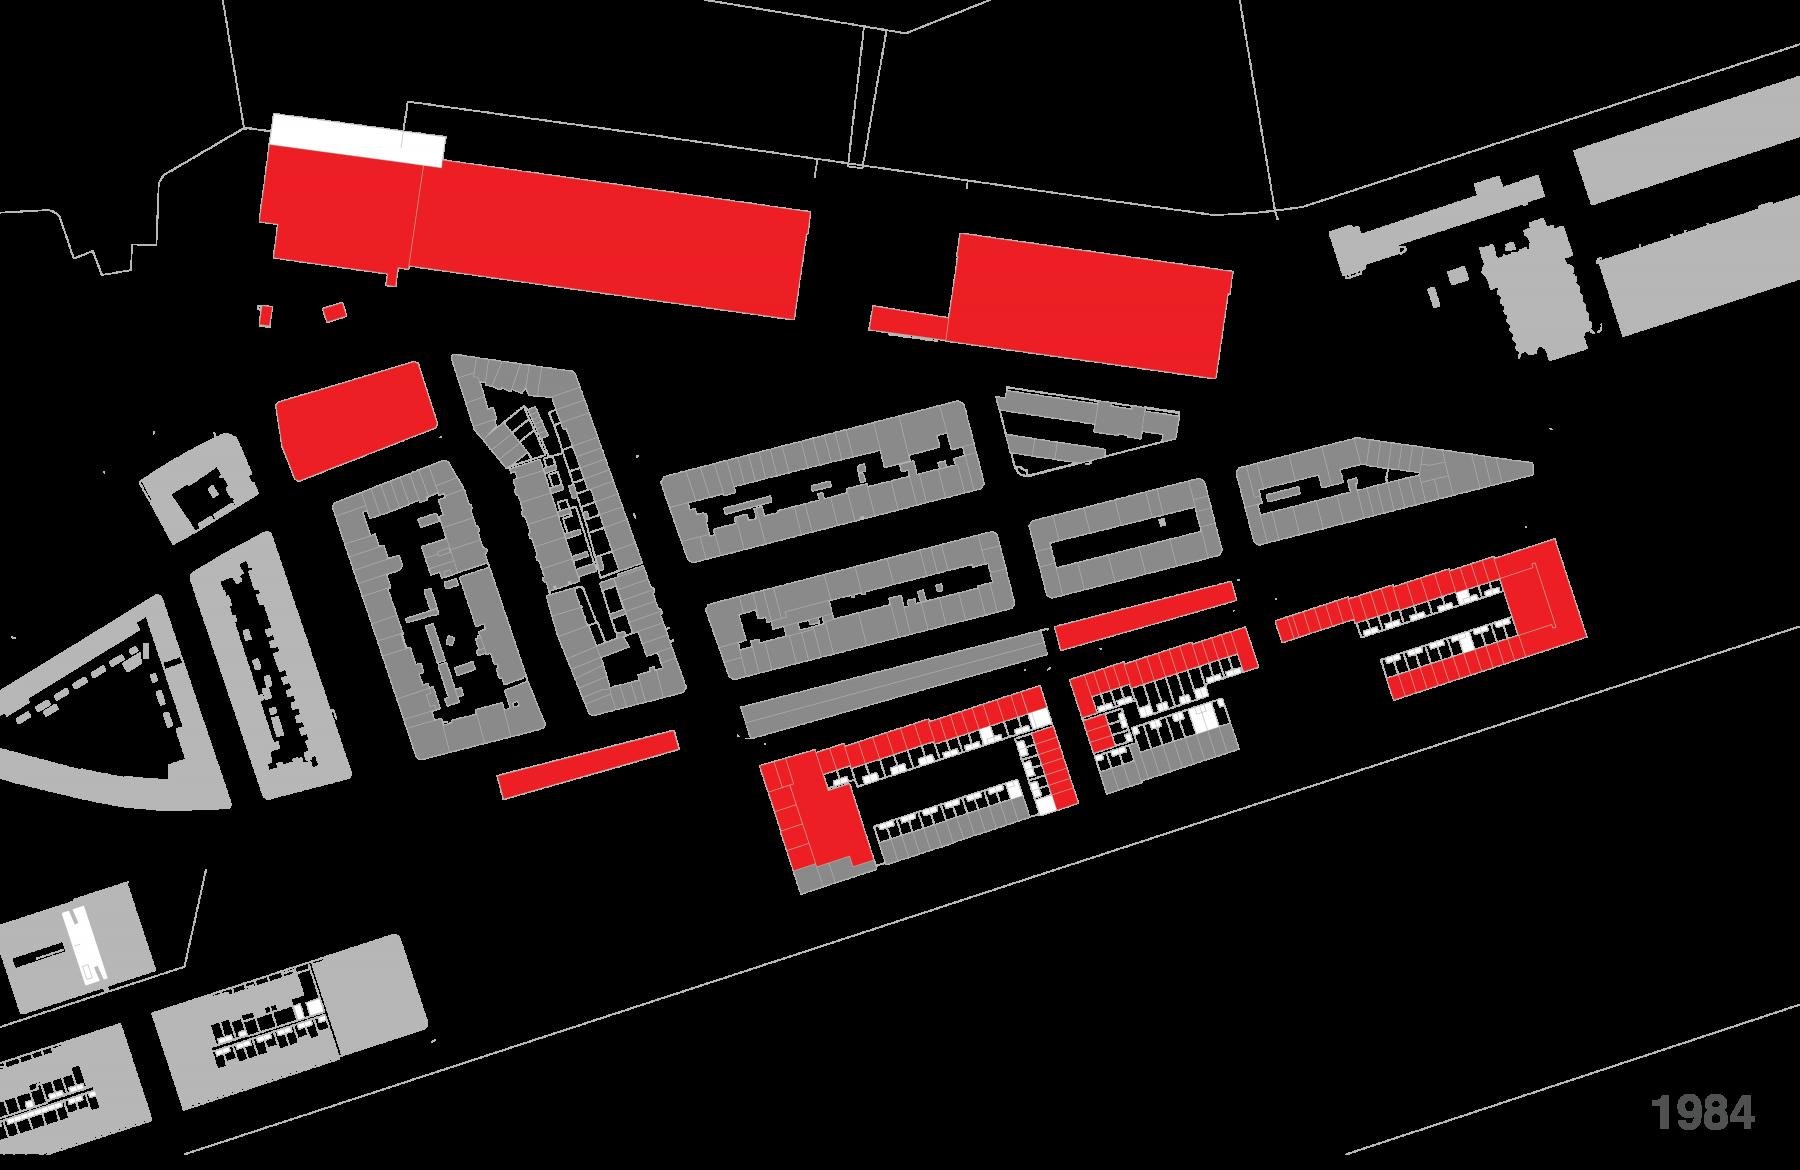 Katendrecht 1984